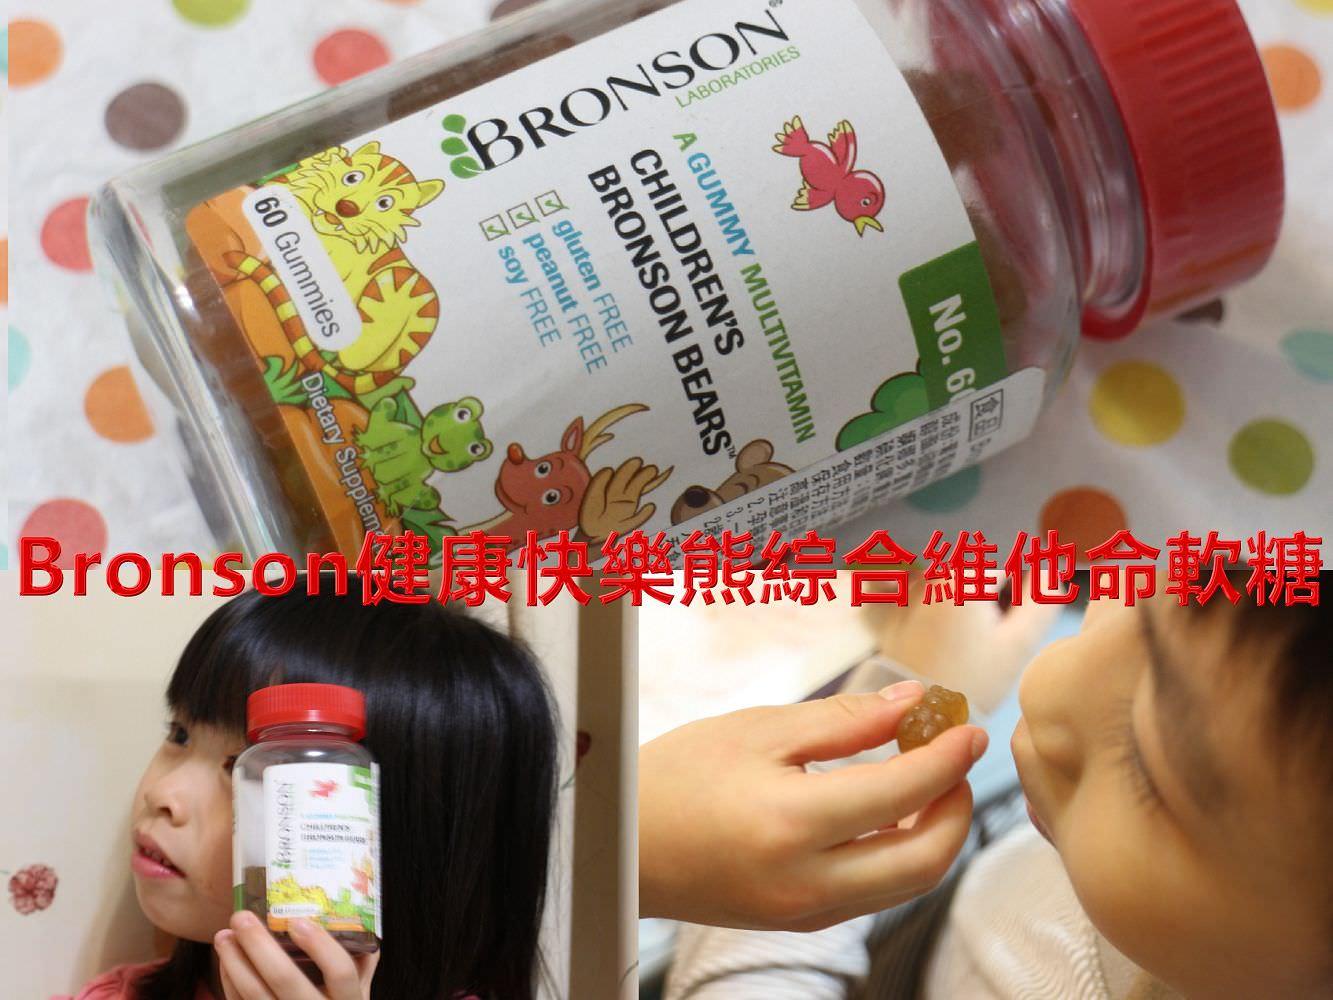 歐美軟糖︱Bronson健康快樂熊綜合維他命軟糖:不添加人工糖漿、色素